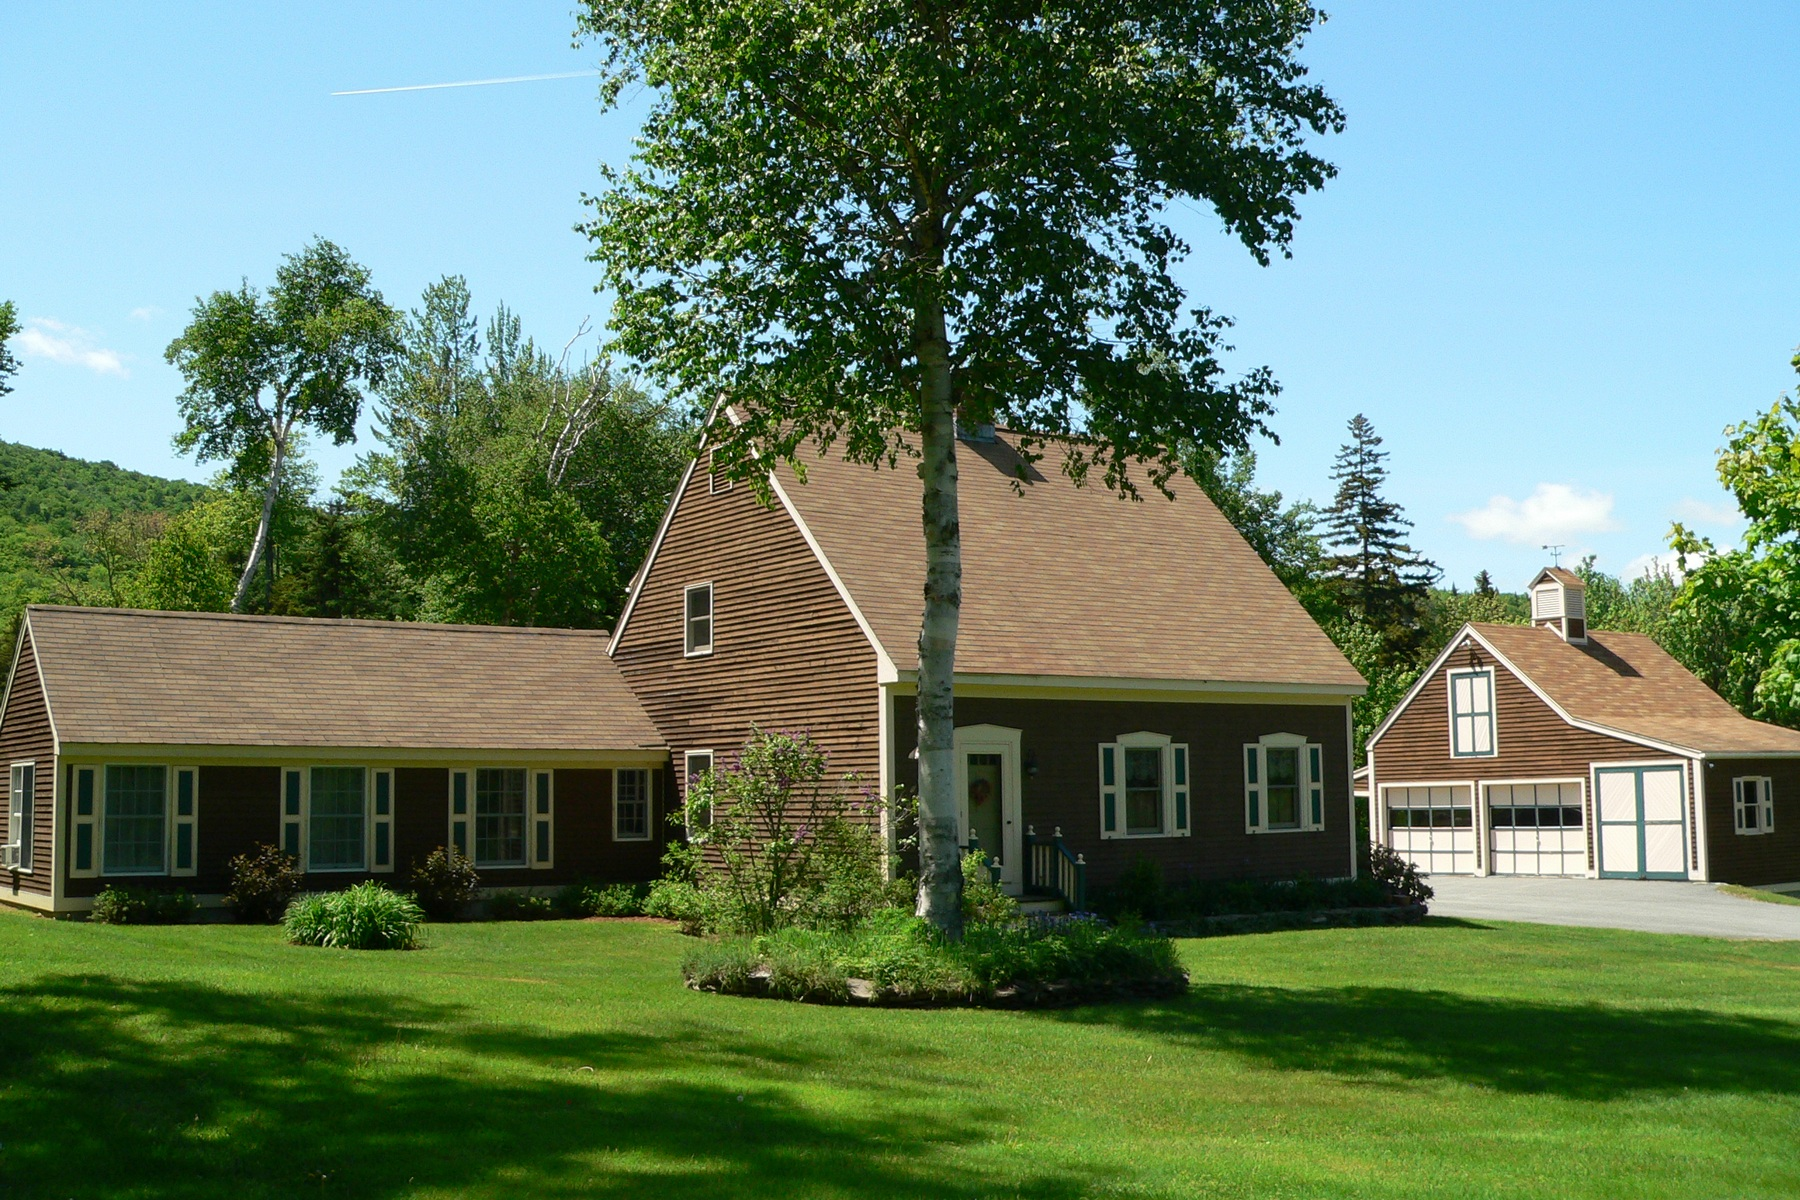 Casa Unifamiliar por un Venta en Classic Cape Cod with Yankee Barn Master Suite 2401 North Hill Rd Andover, Vermont, 05143 Estados Unidos